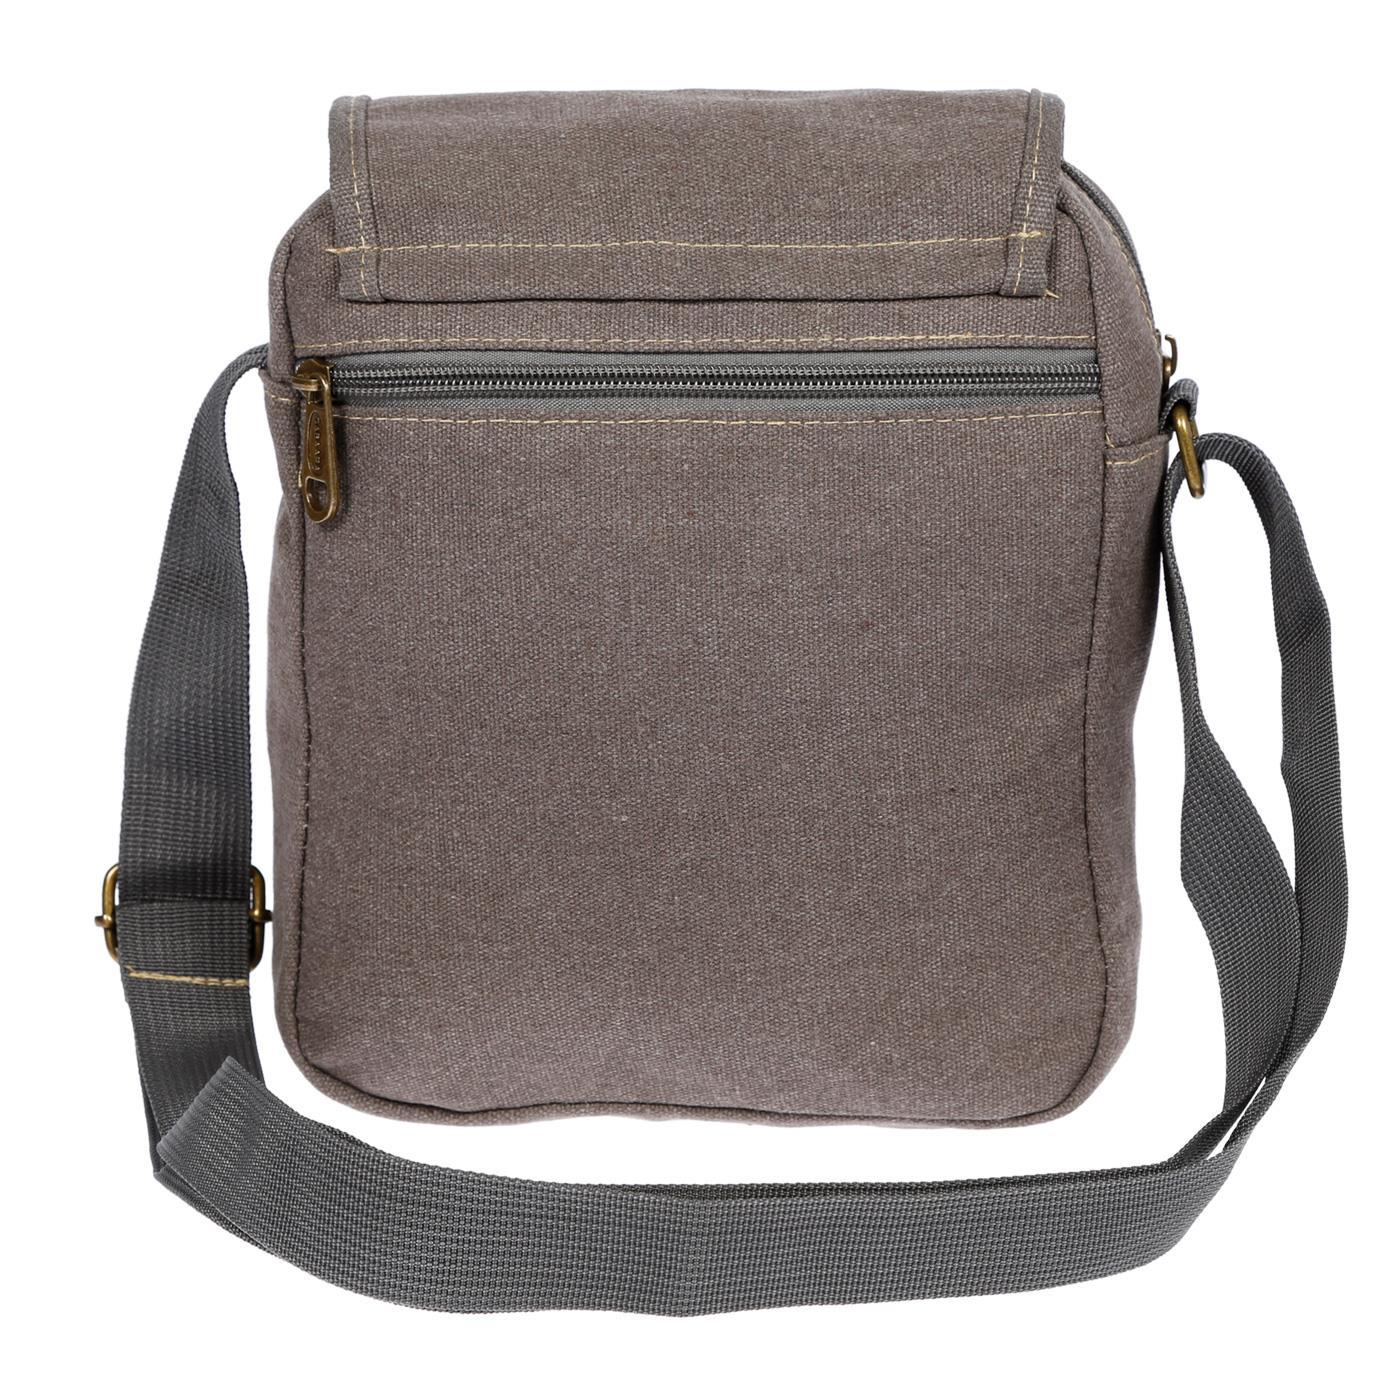 Damen-Herren-Tasche-Canvas-Umhaengetasche-Schultertasche-Crossover-Bag-Handtasche Indexbild 20